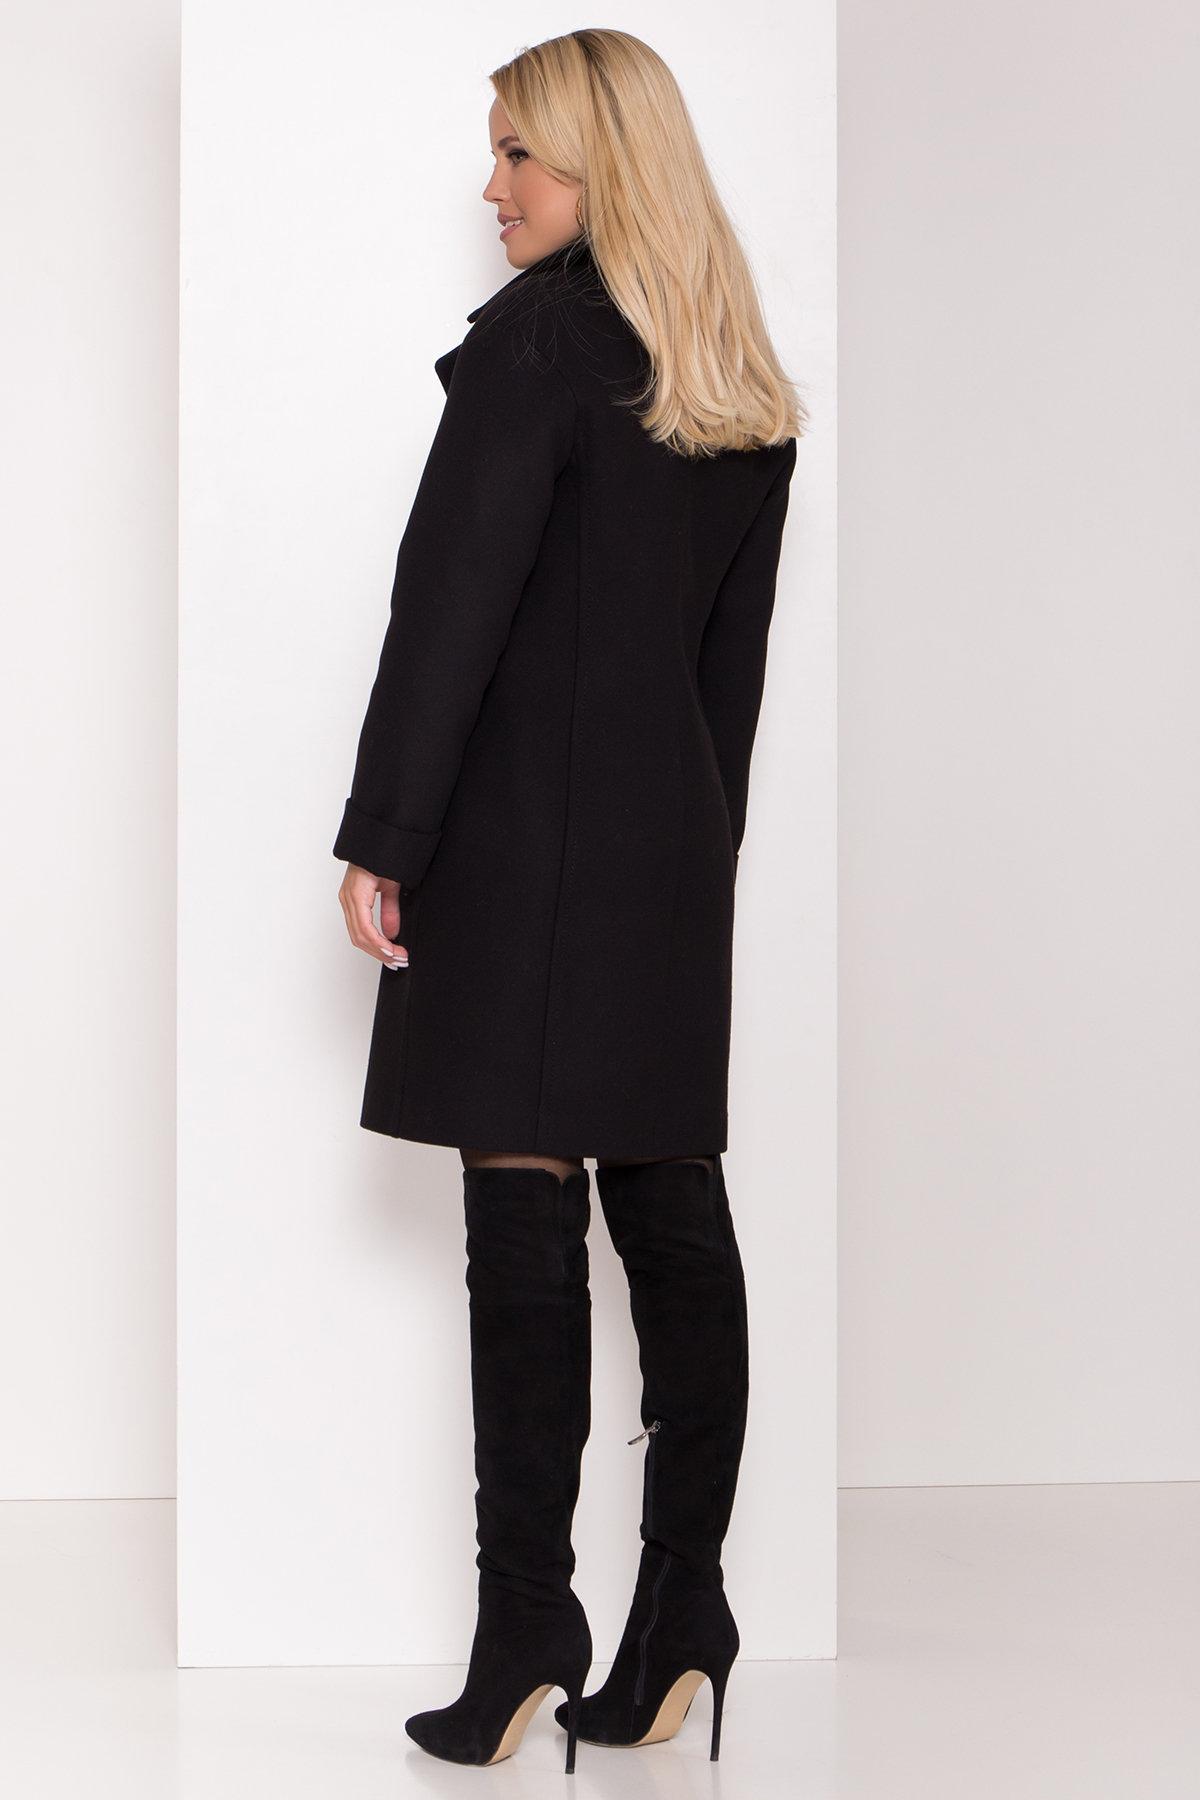 Зимнее пальто в классическом стиле Лизи 8179 АРТ. 44194 Цвет: Черный НL -1 - фото 4, интернет магазин tm-modus.ru